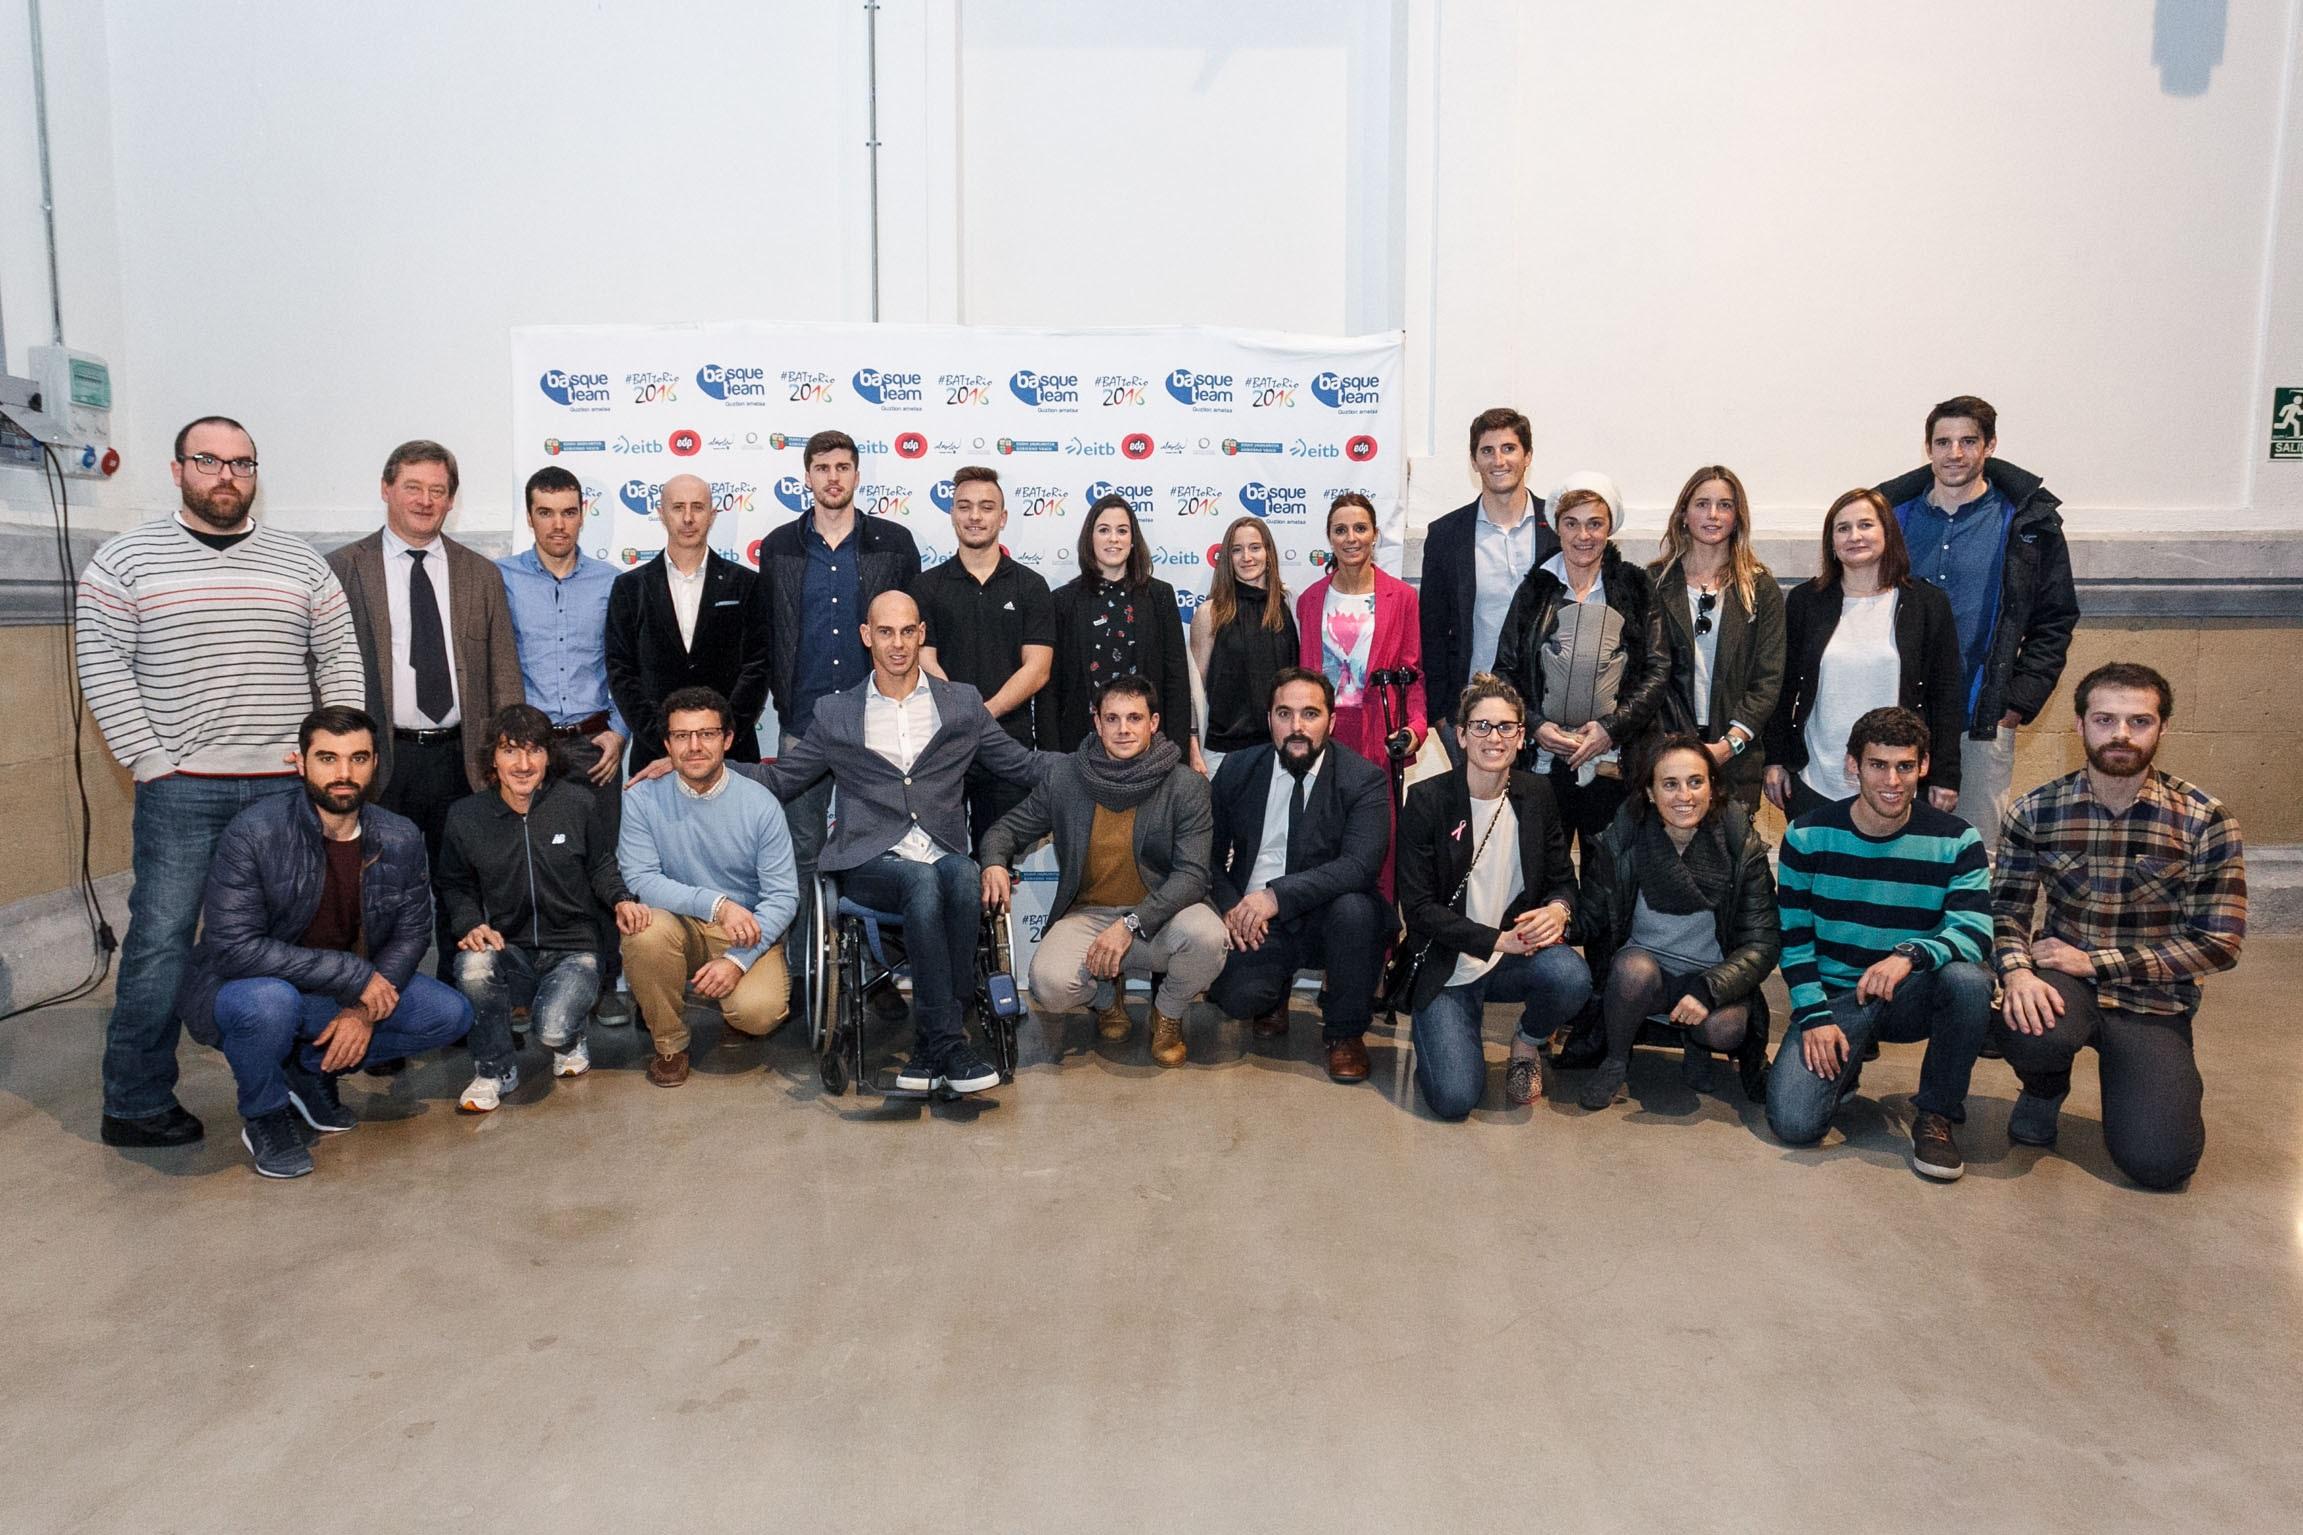 Basque_team_gala2.jpg